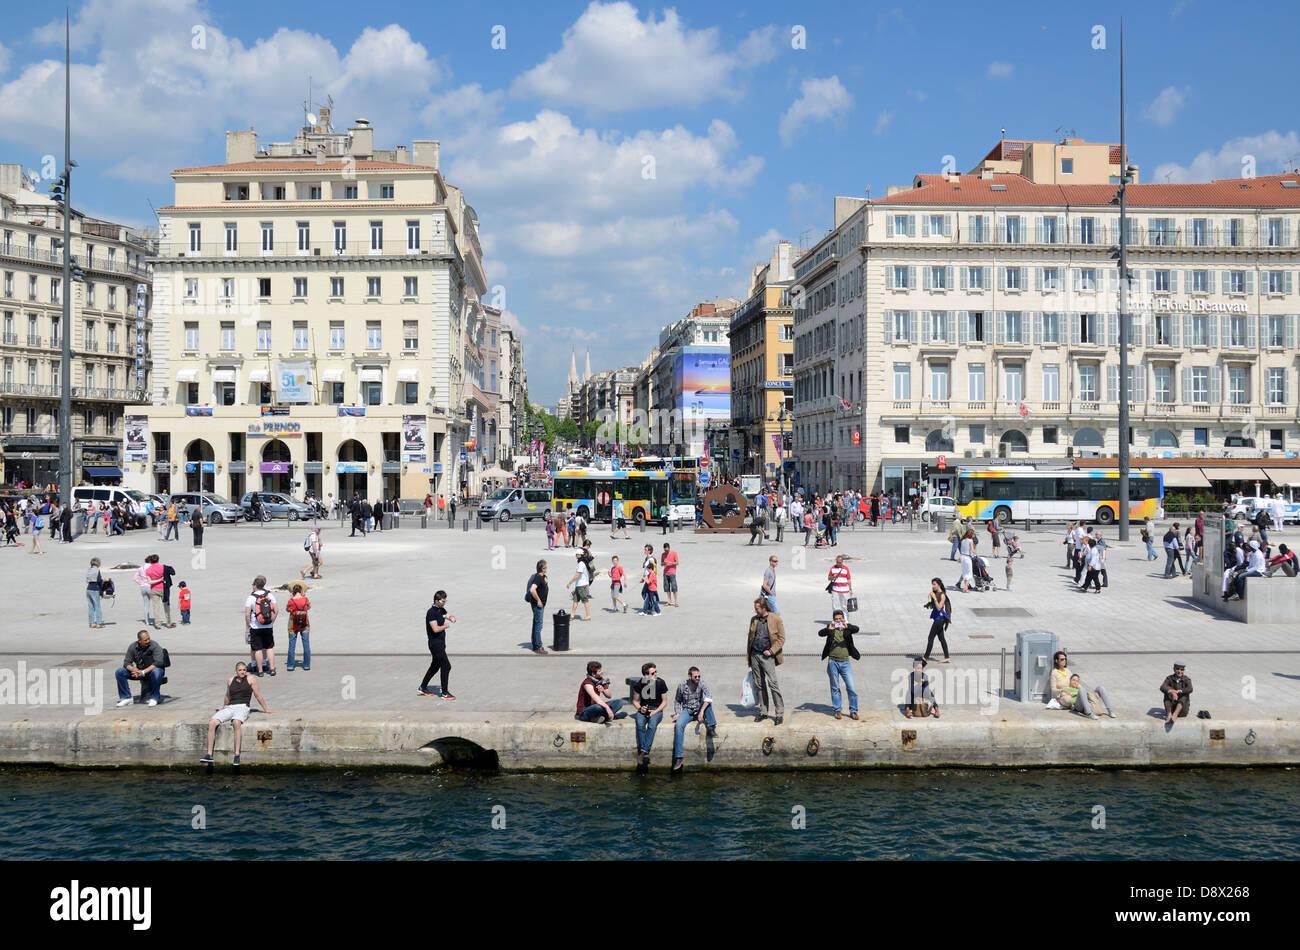 Quai des Belges Quay or Quayside & La Canebière Vieux Port or Old Port Marseille France - Stock Image